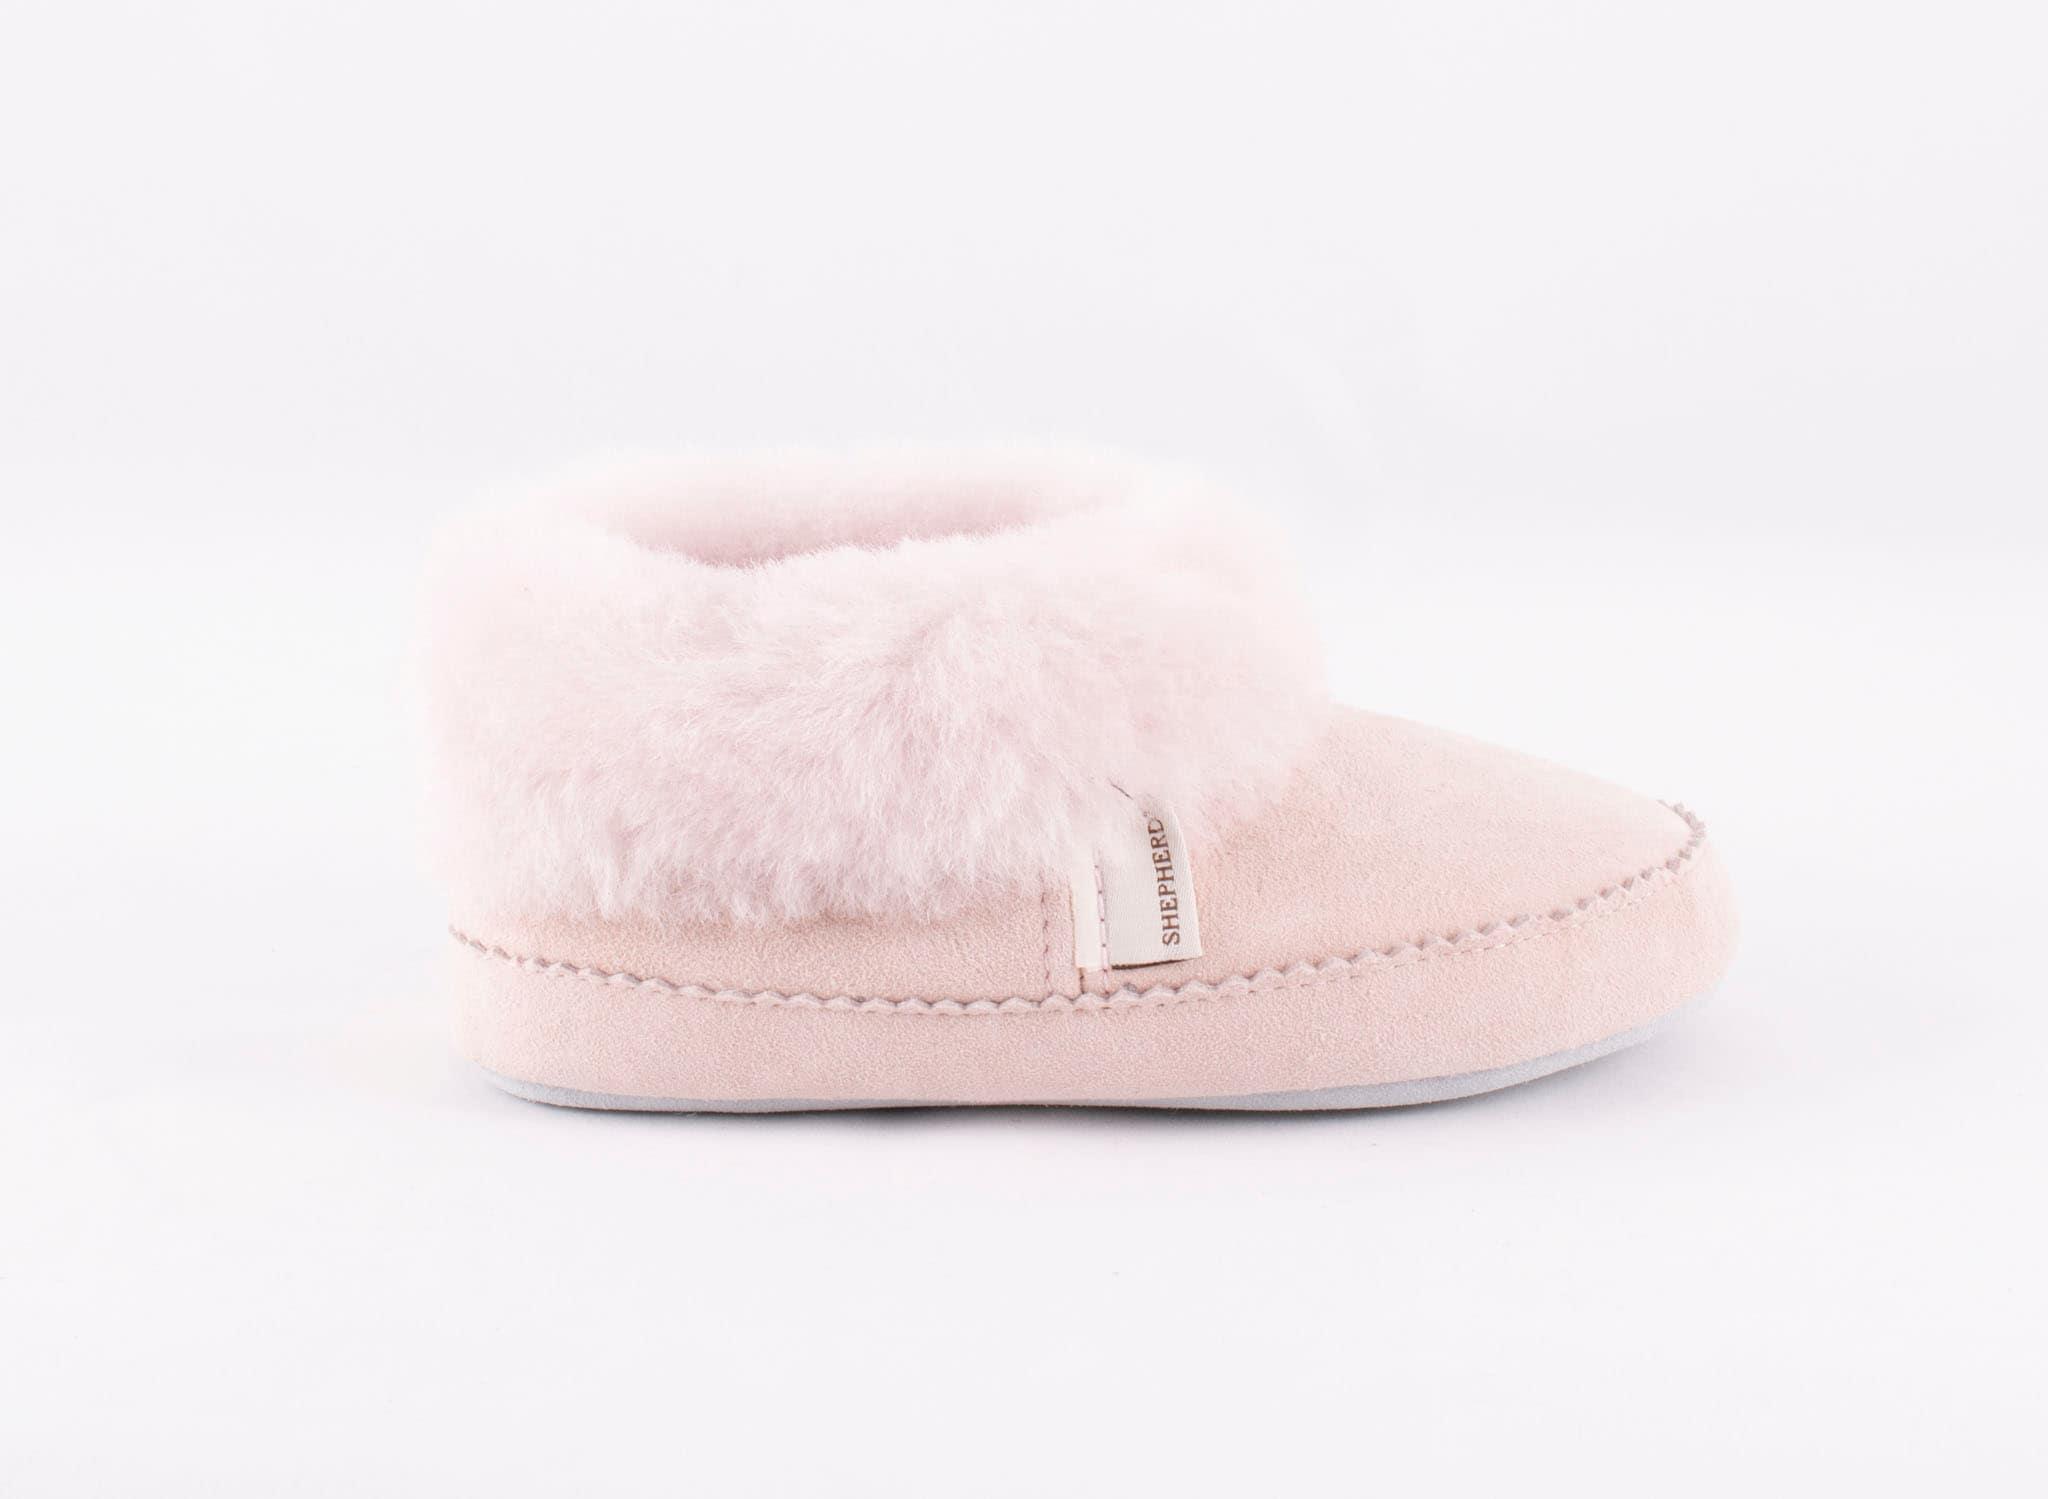 Piteå slippers , size 30-35